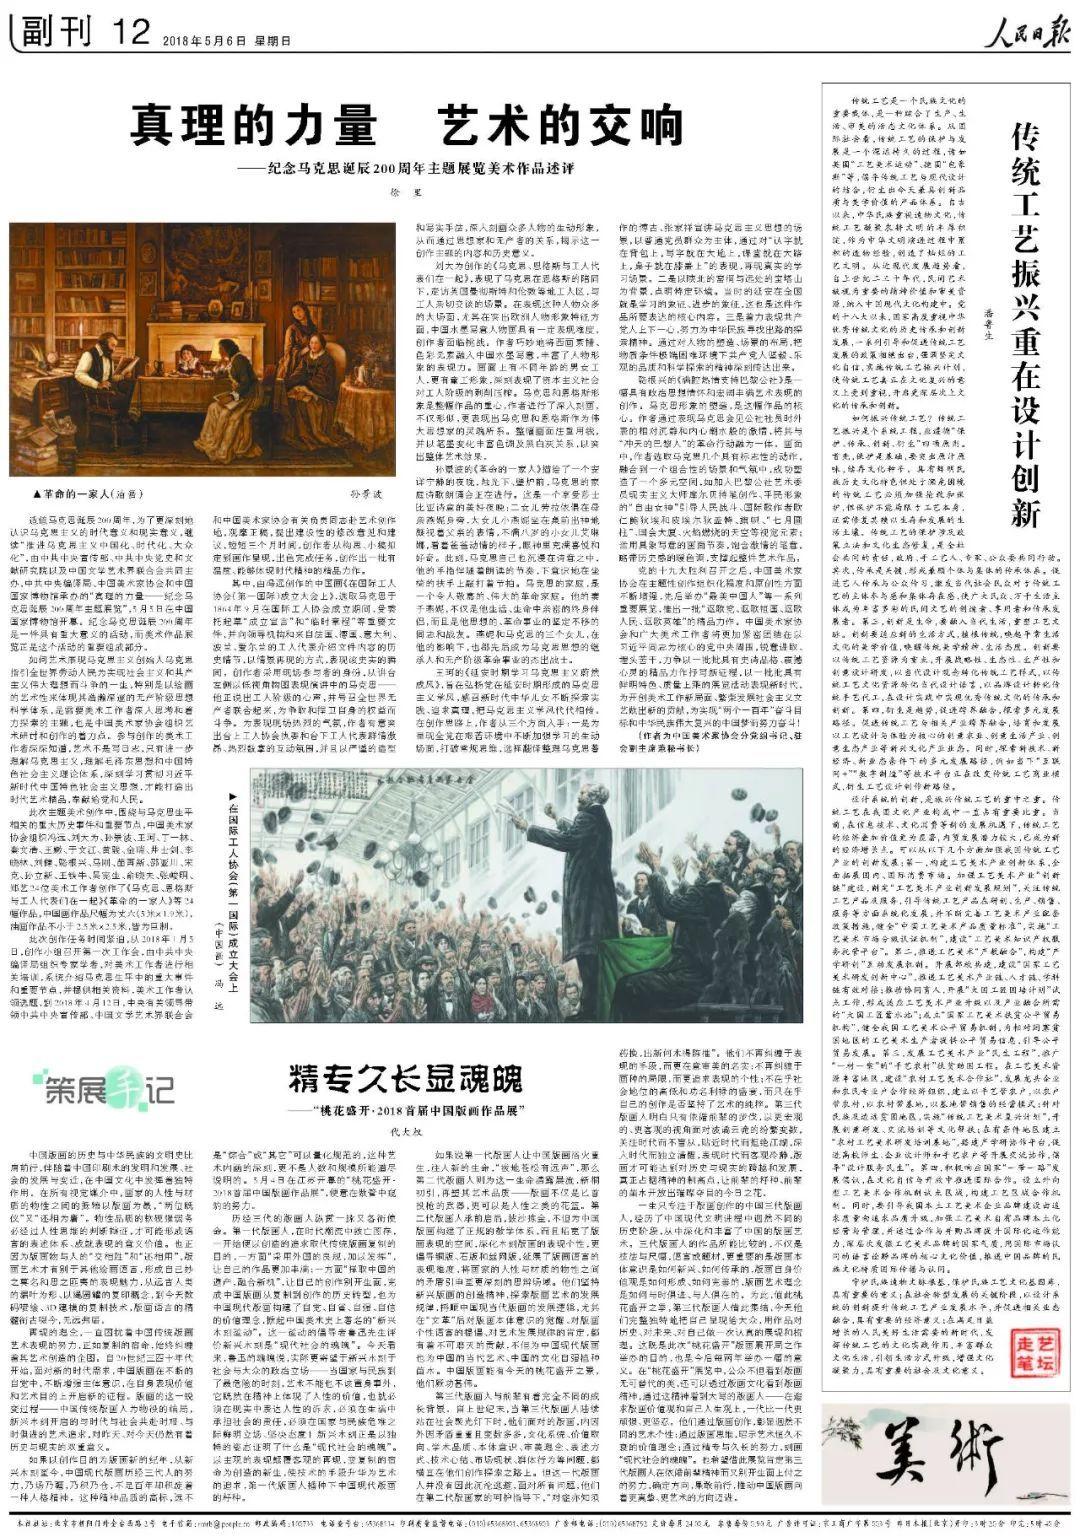 人民日报|潘鲁生:传统工艺振兴重在设计创新 - 酷卖潮物~吧 - 酷卖潮物~吧